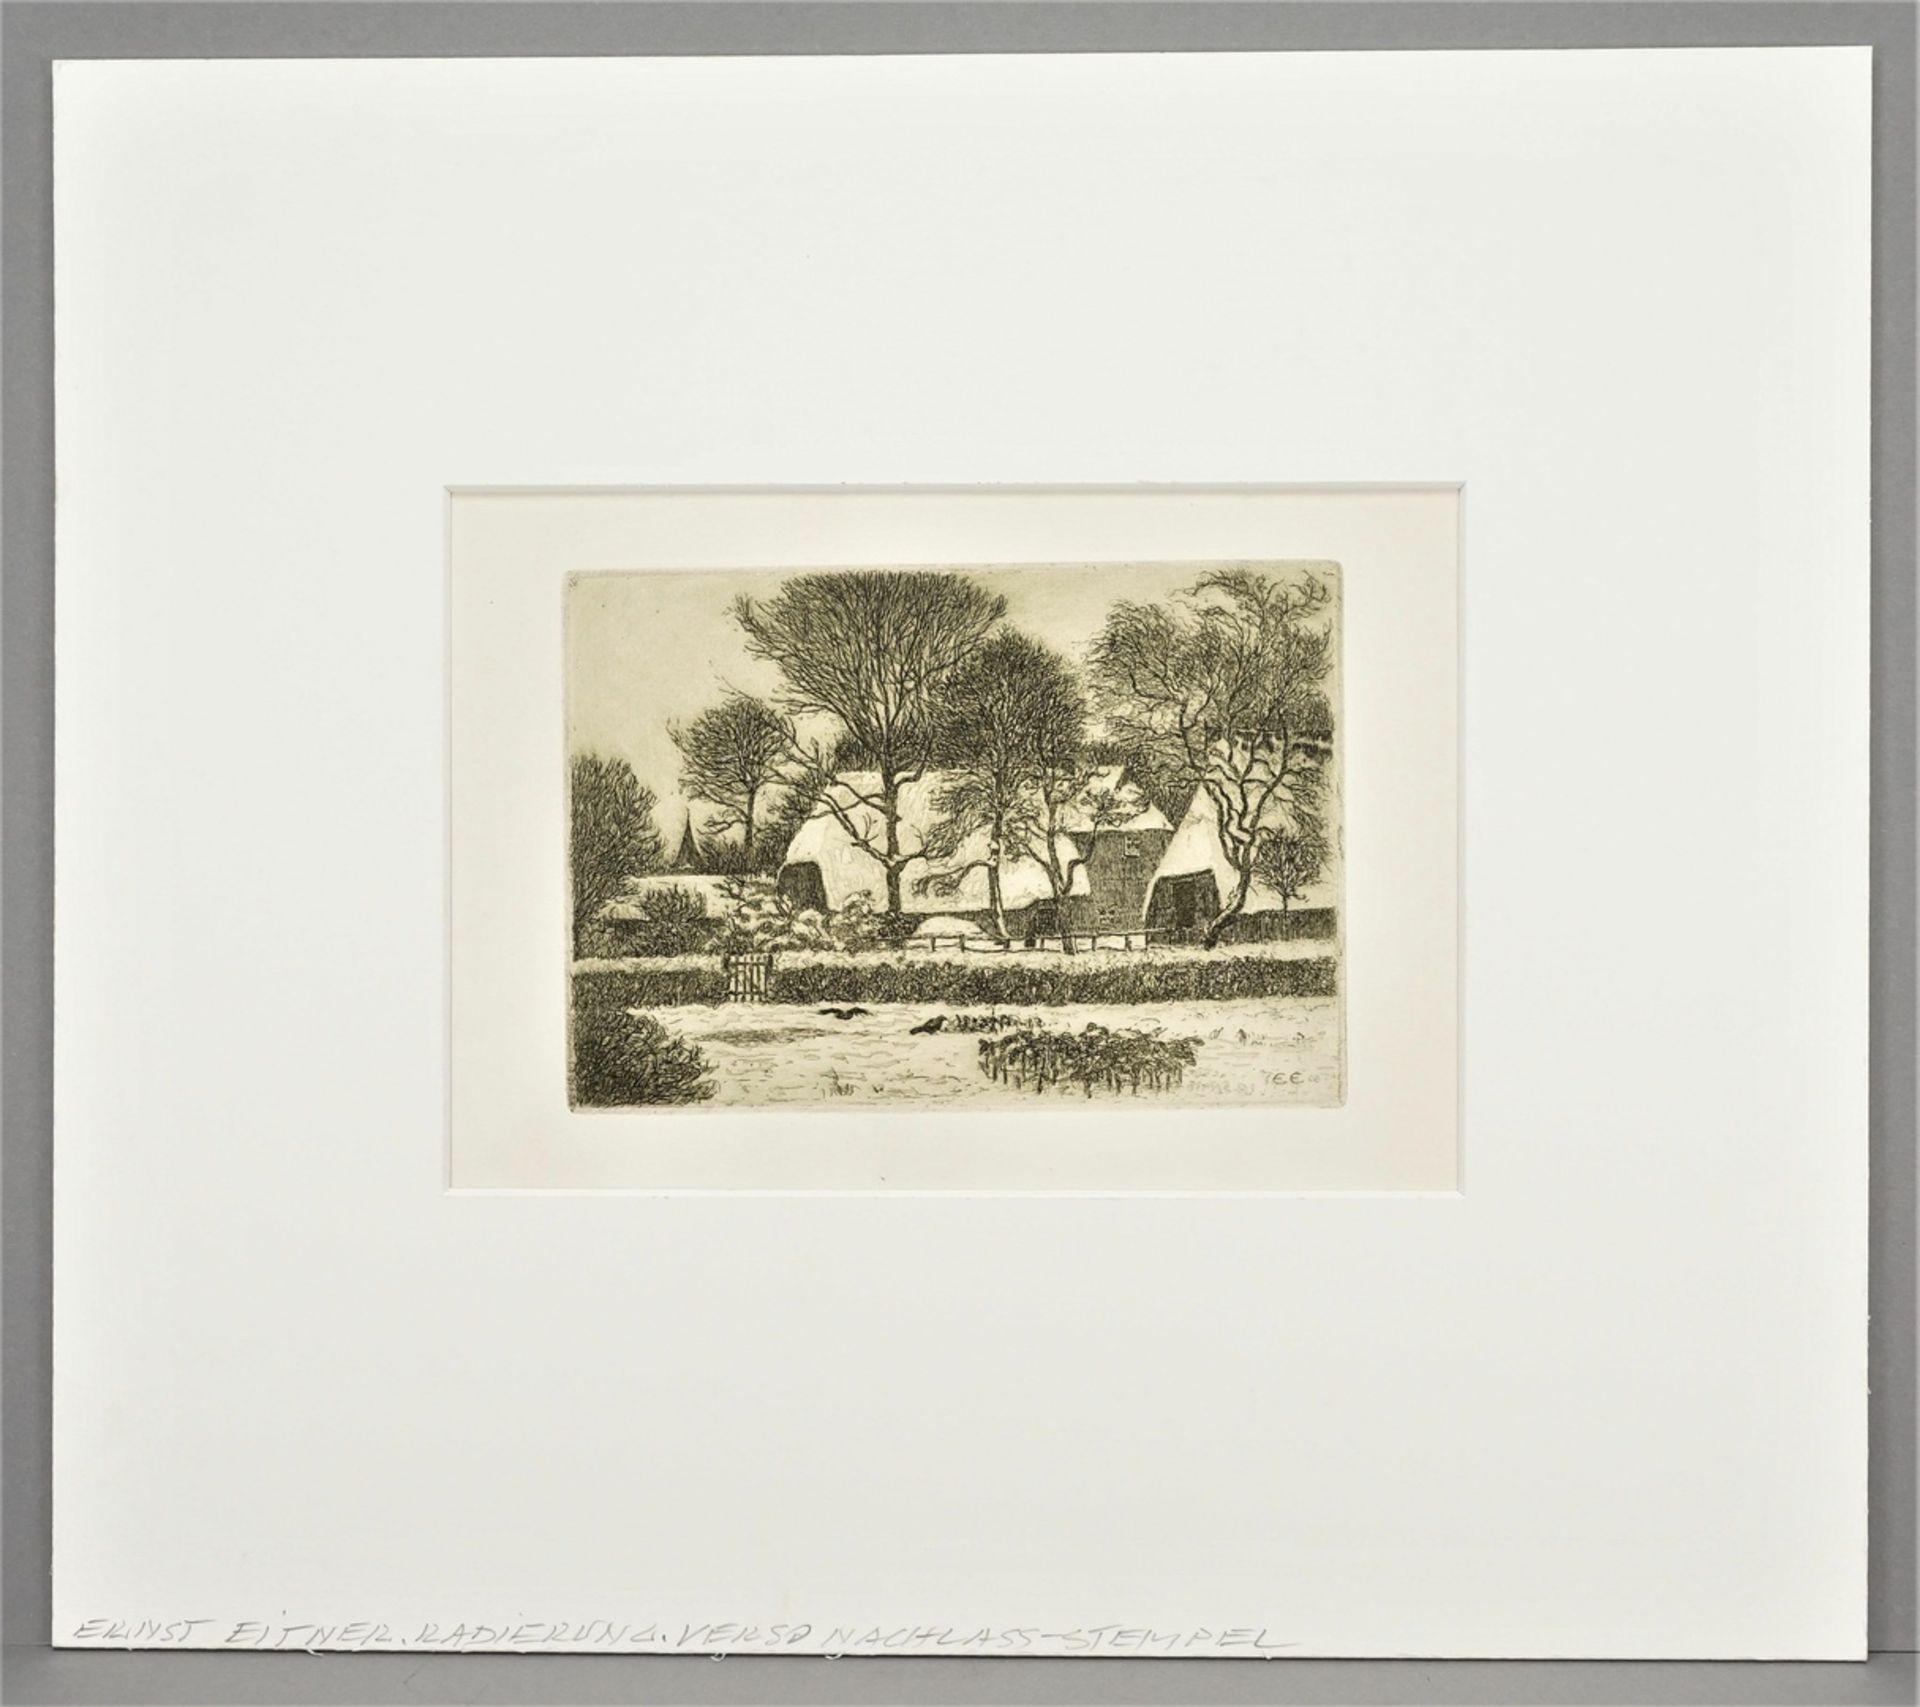 Ernst Eitner, Norddeutsches Dorf im Winter - Bild 2 aus 5